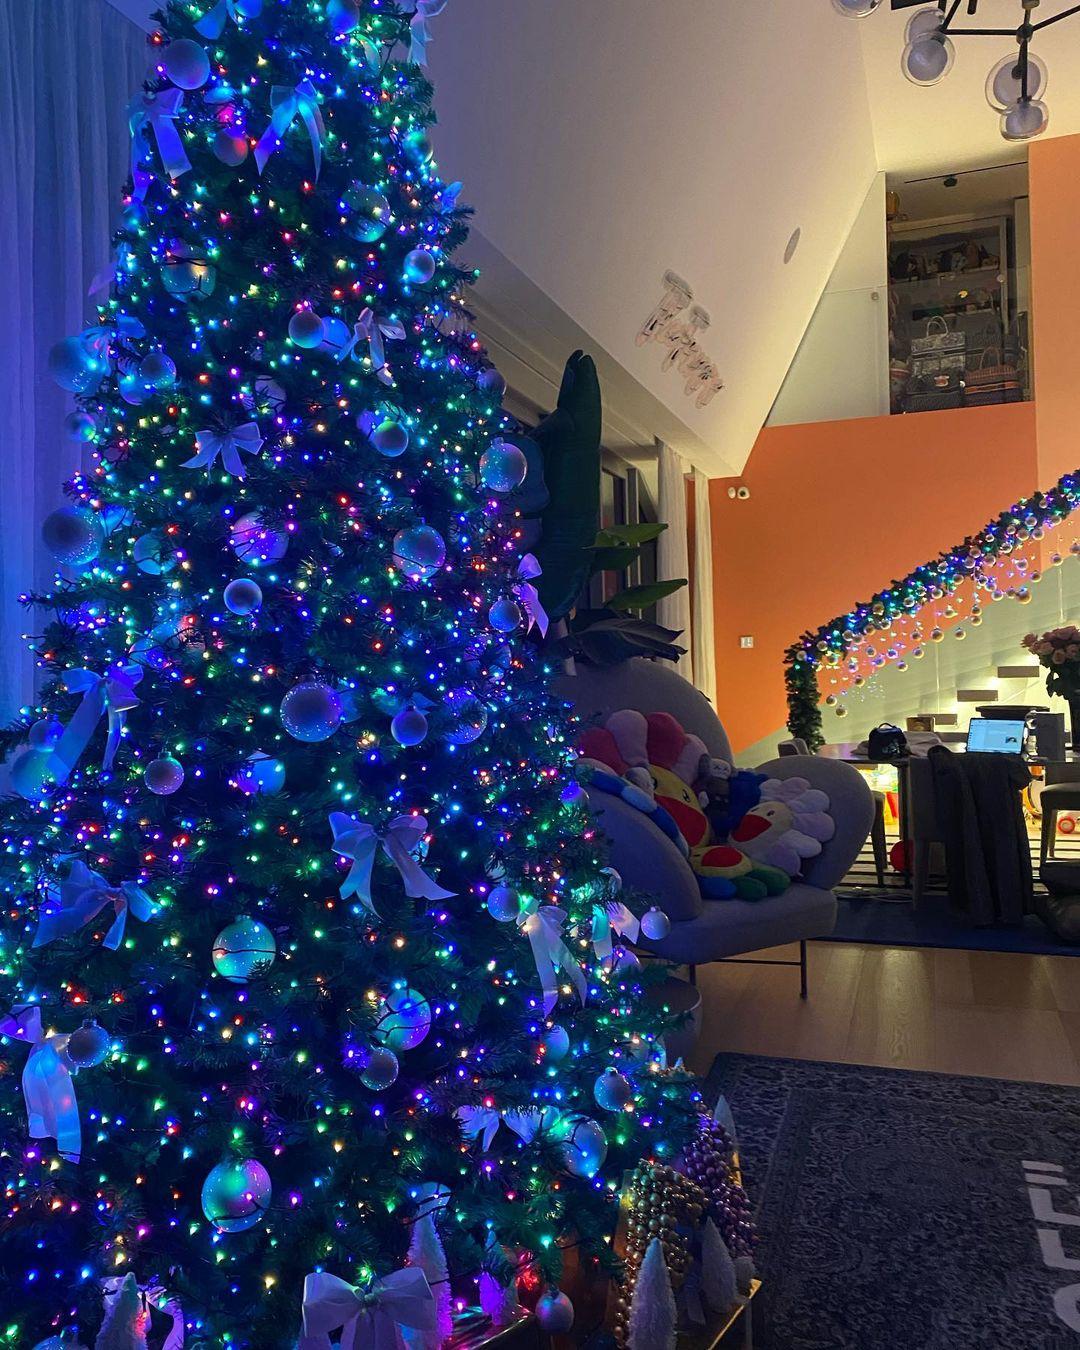 Μας έδειξε το σαλόνι της και η Χριστουγεννιάτικη διακόσμηση είναι το κάτι άλλο